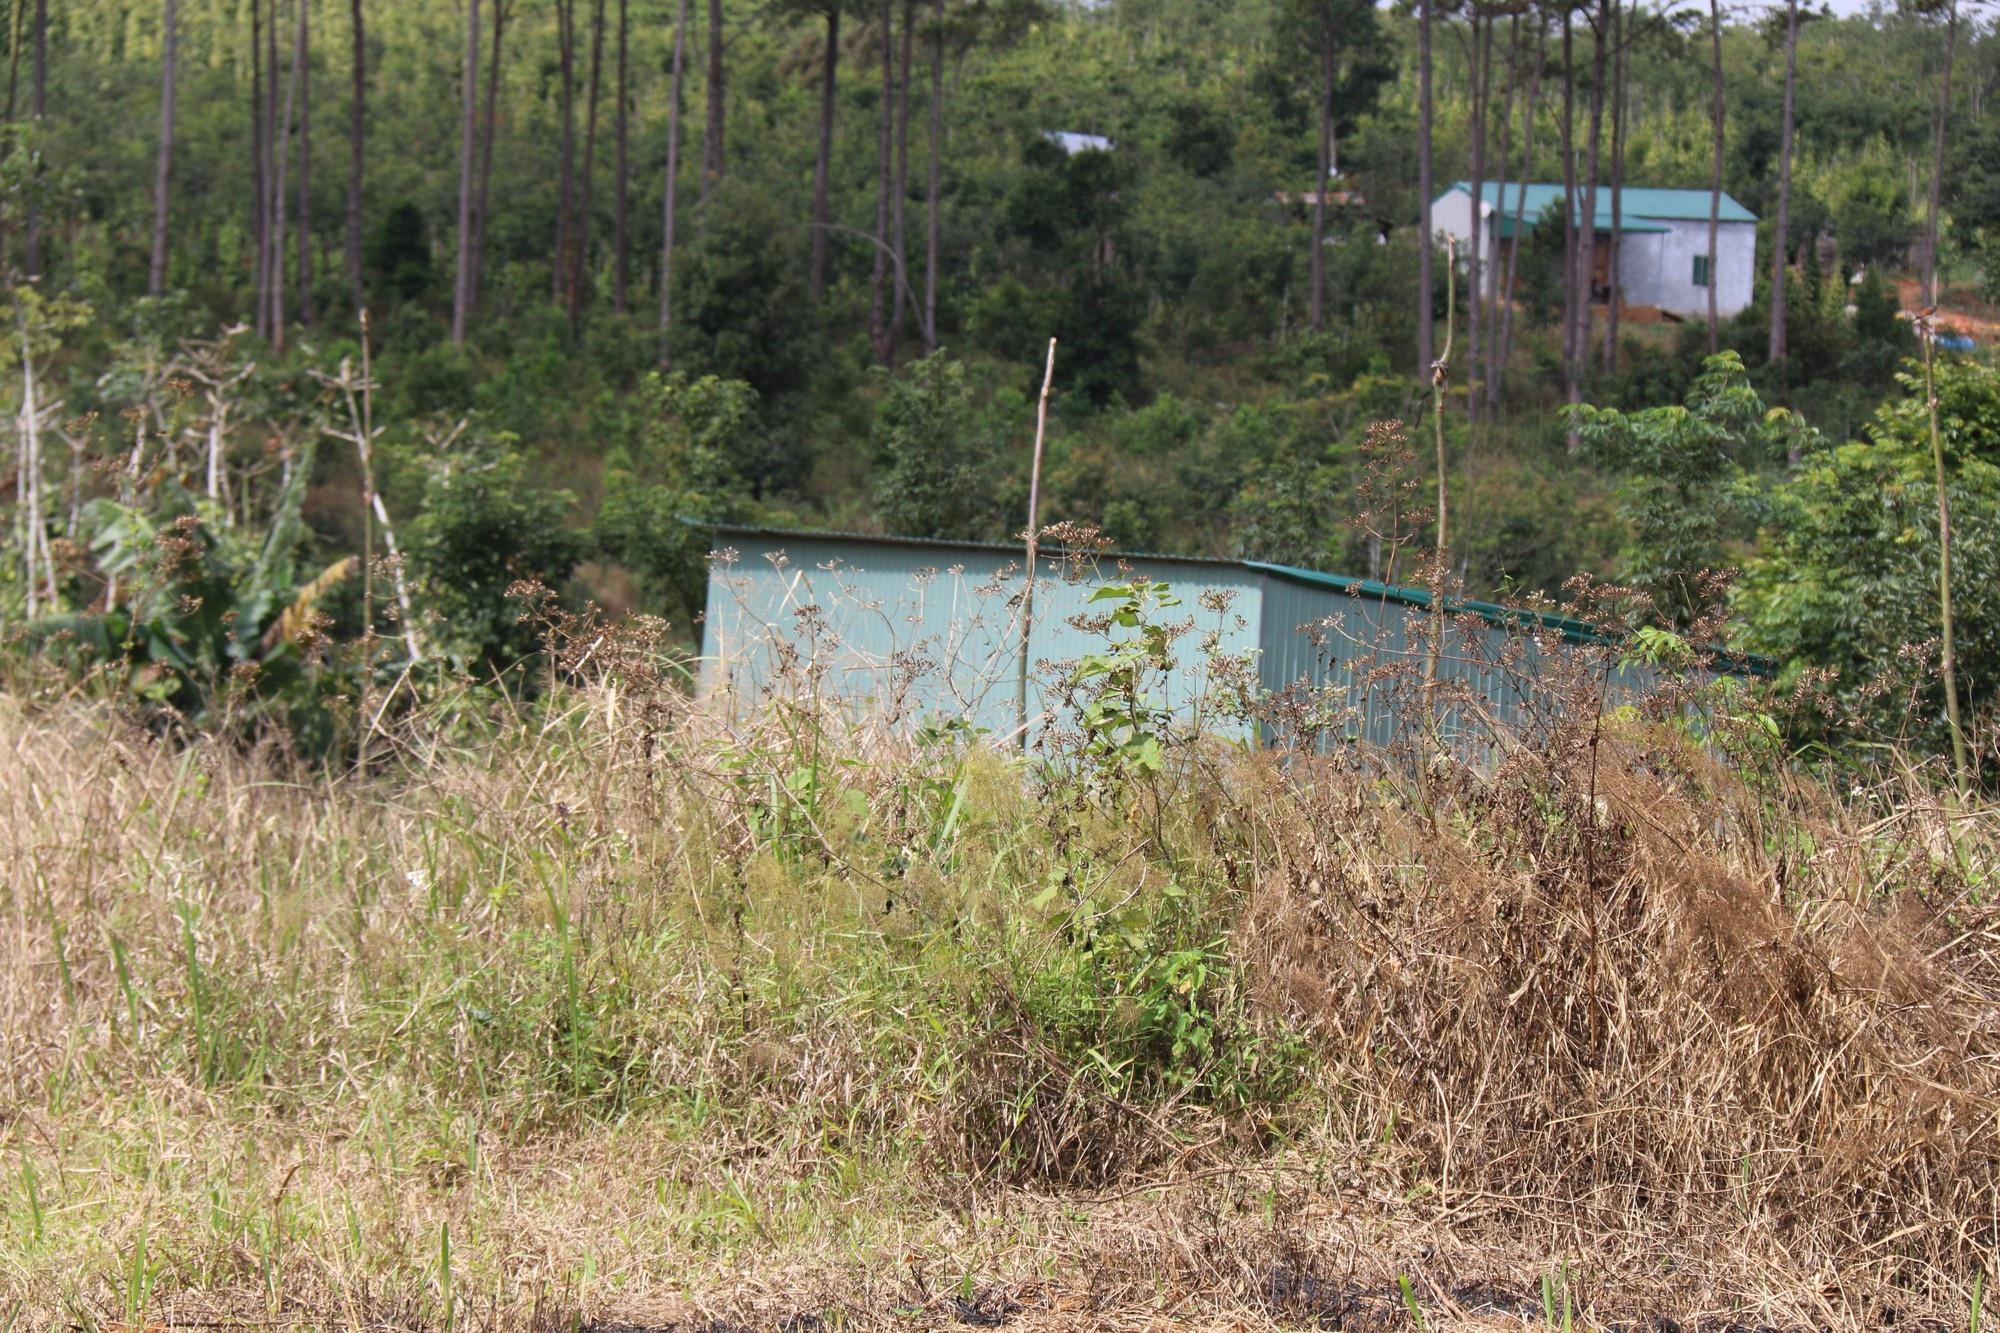 Dự án vừa bị thu hồi, rừng ngay lập tức bị bức tử - Ảnh 9.